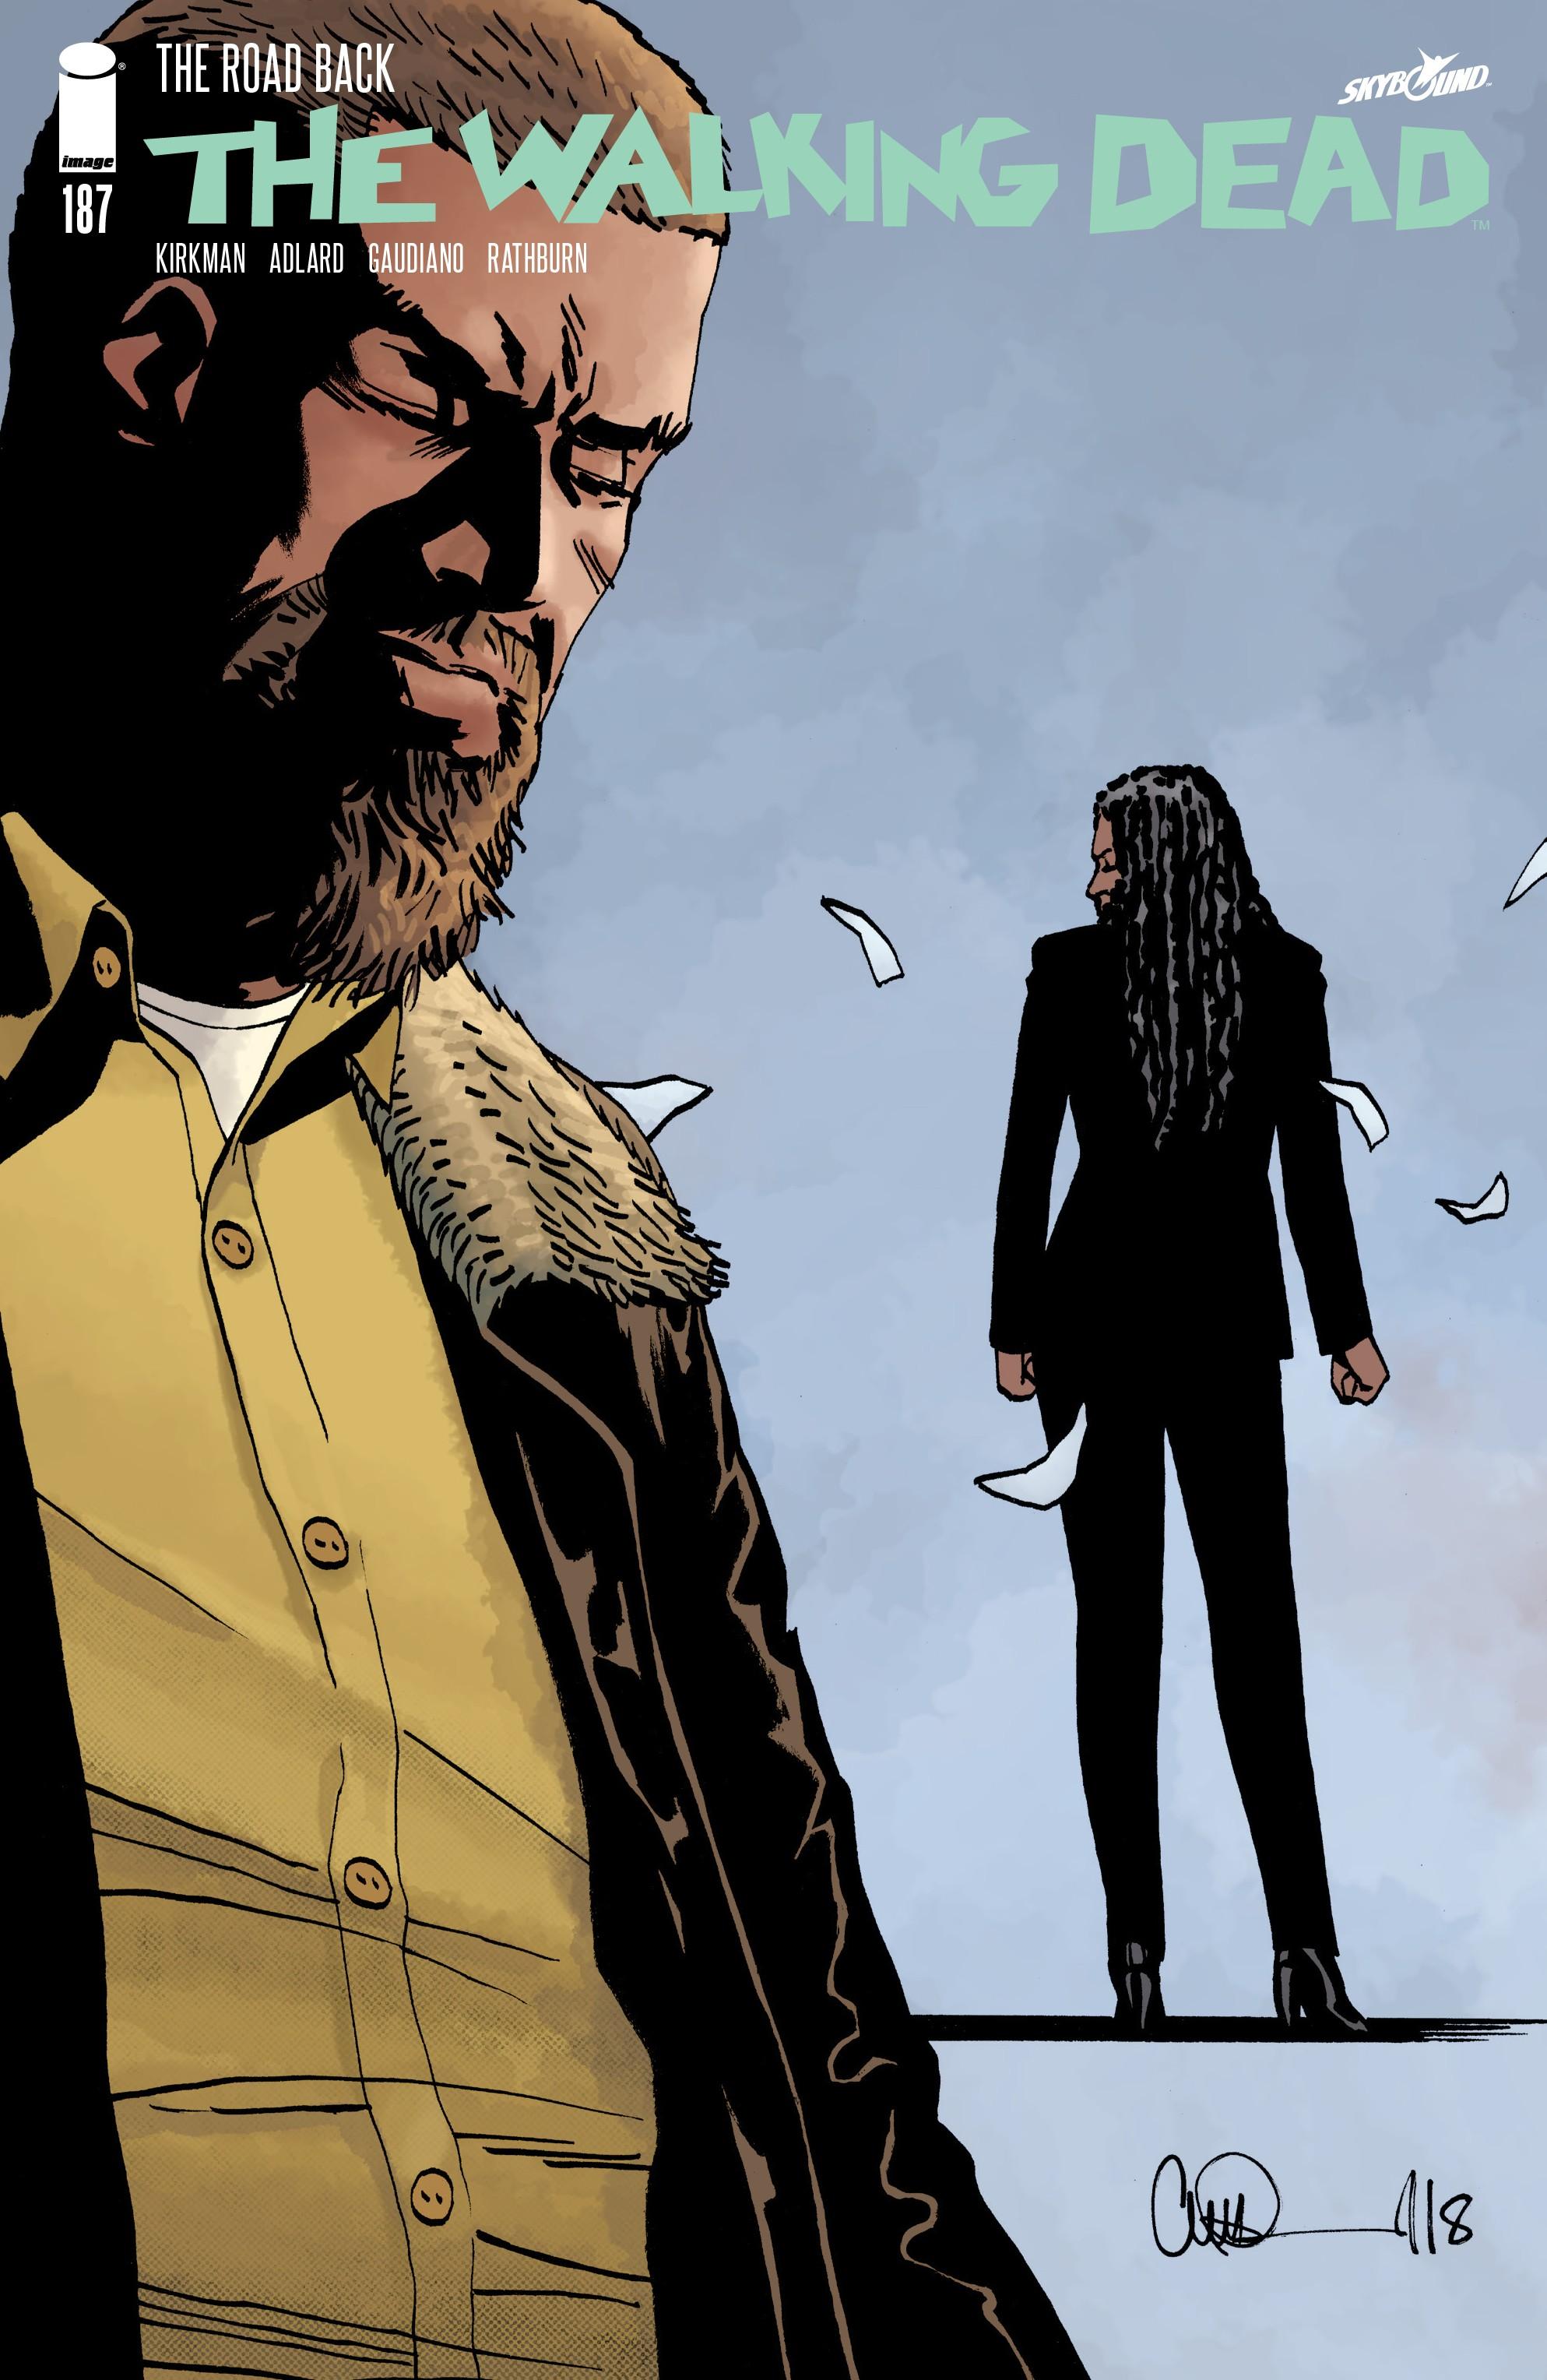 The Walking Dead Comic Online 187 - The Walking Dead